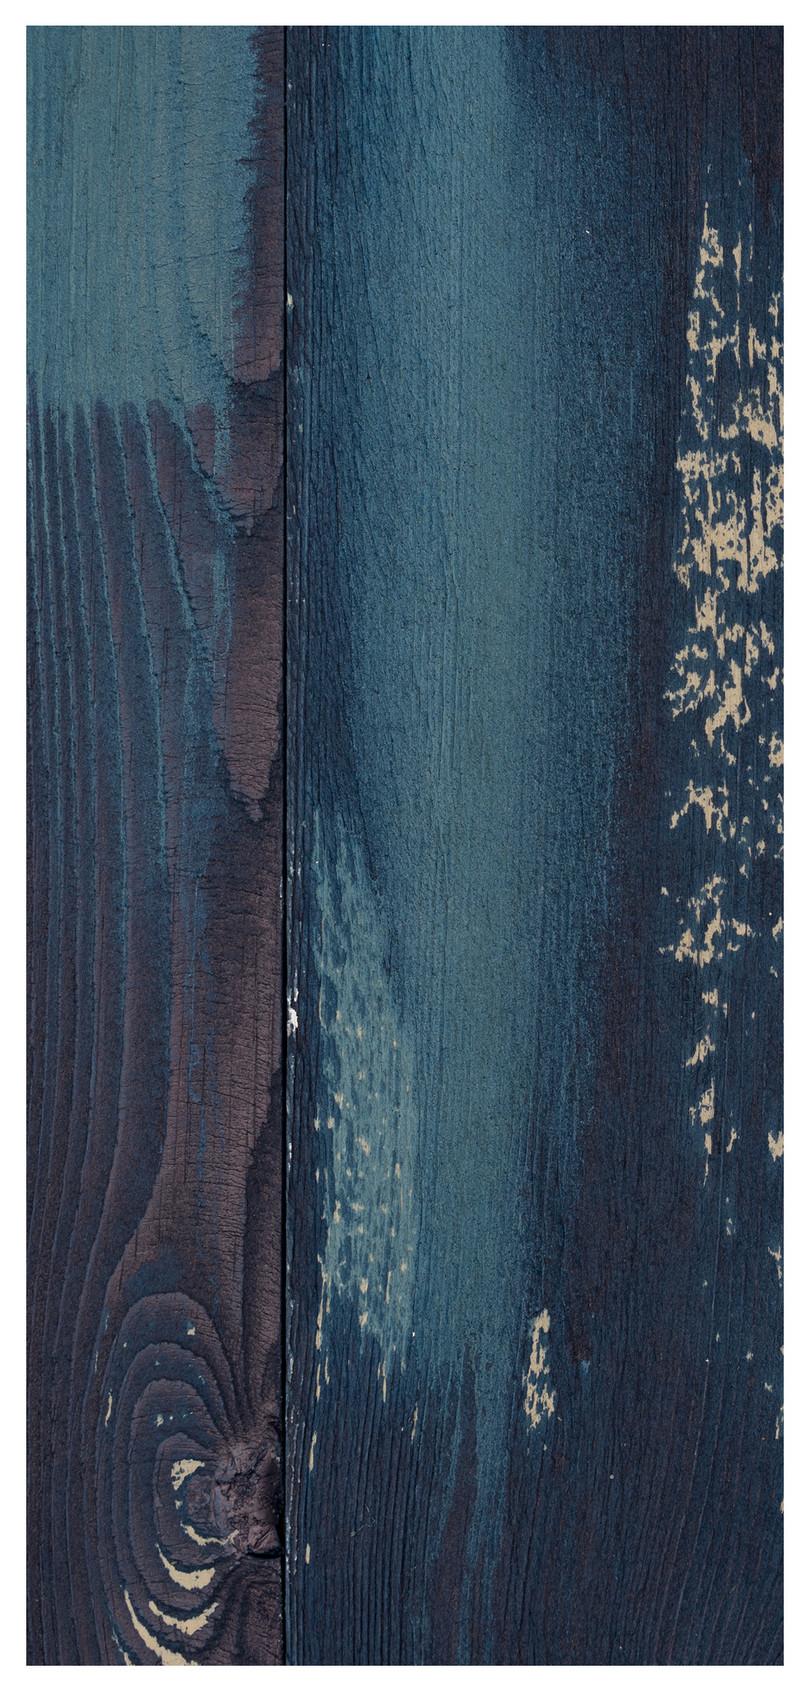 木の板の背景携帯壁紙イメージ 背景 Id 400274010 Prf画像フォーマット